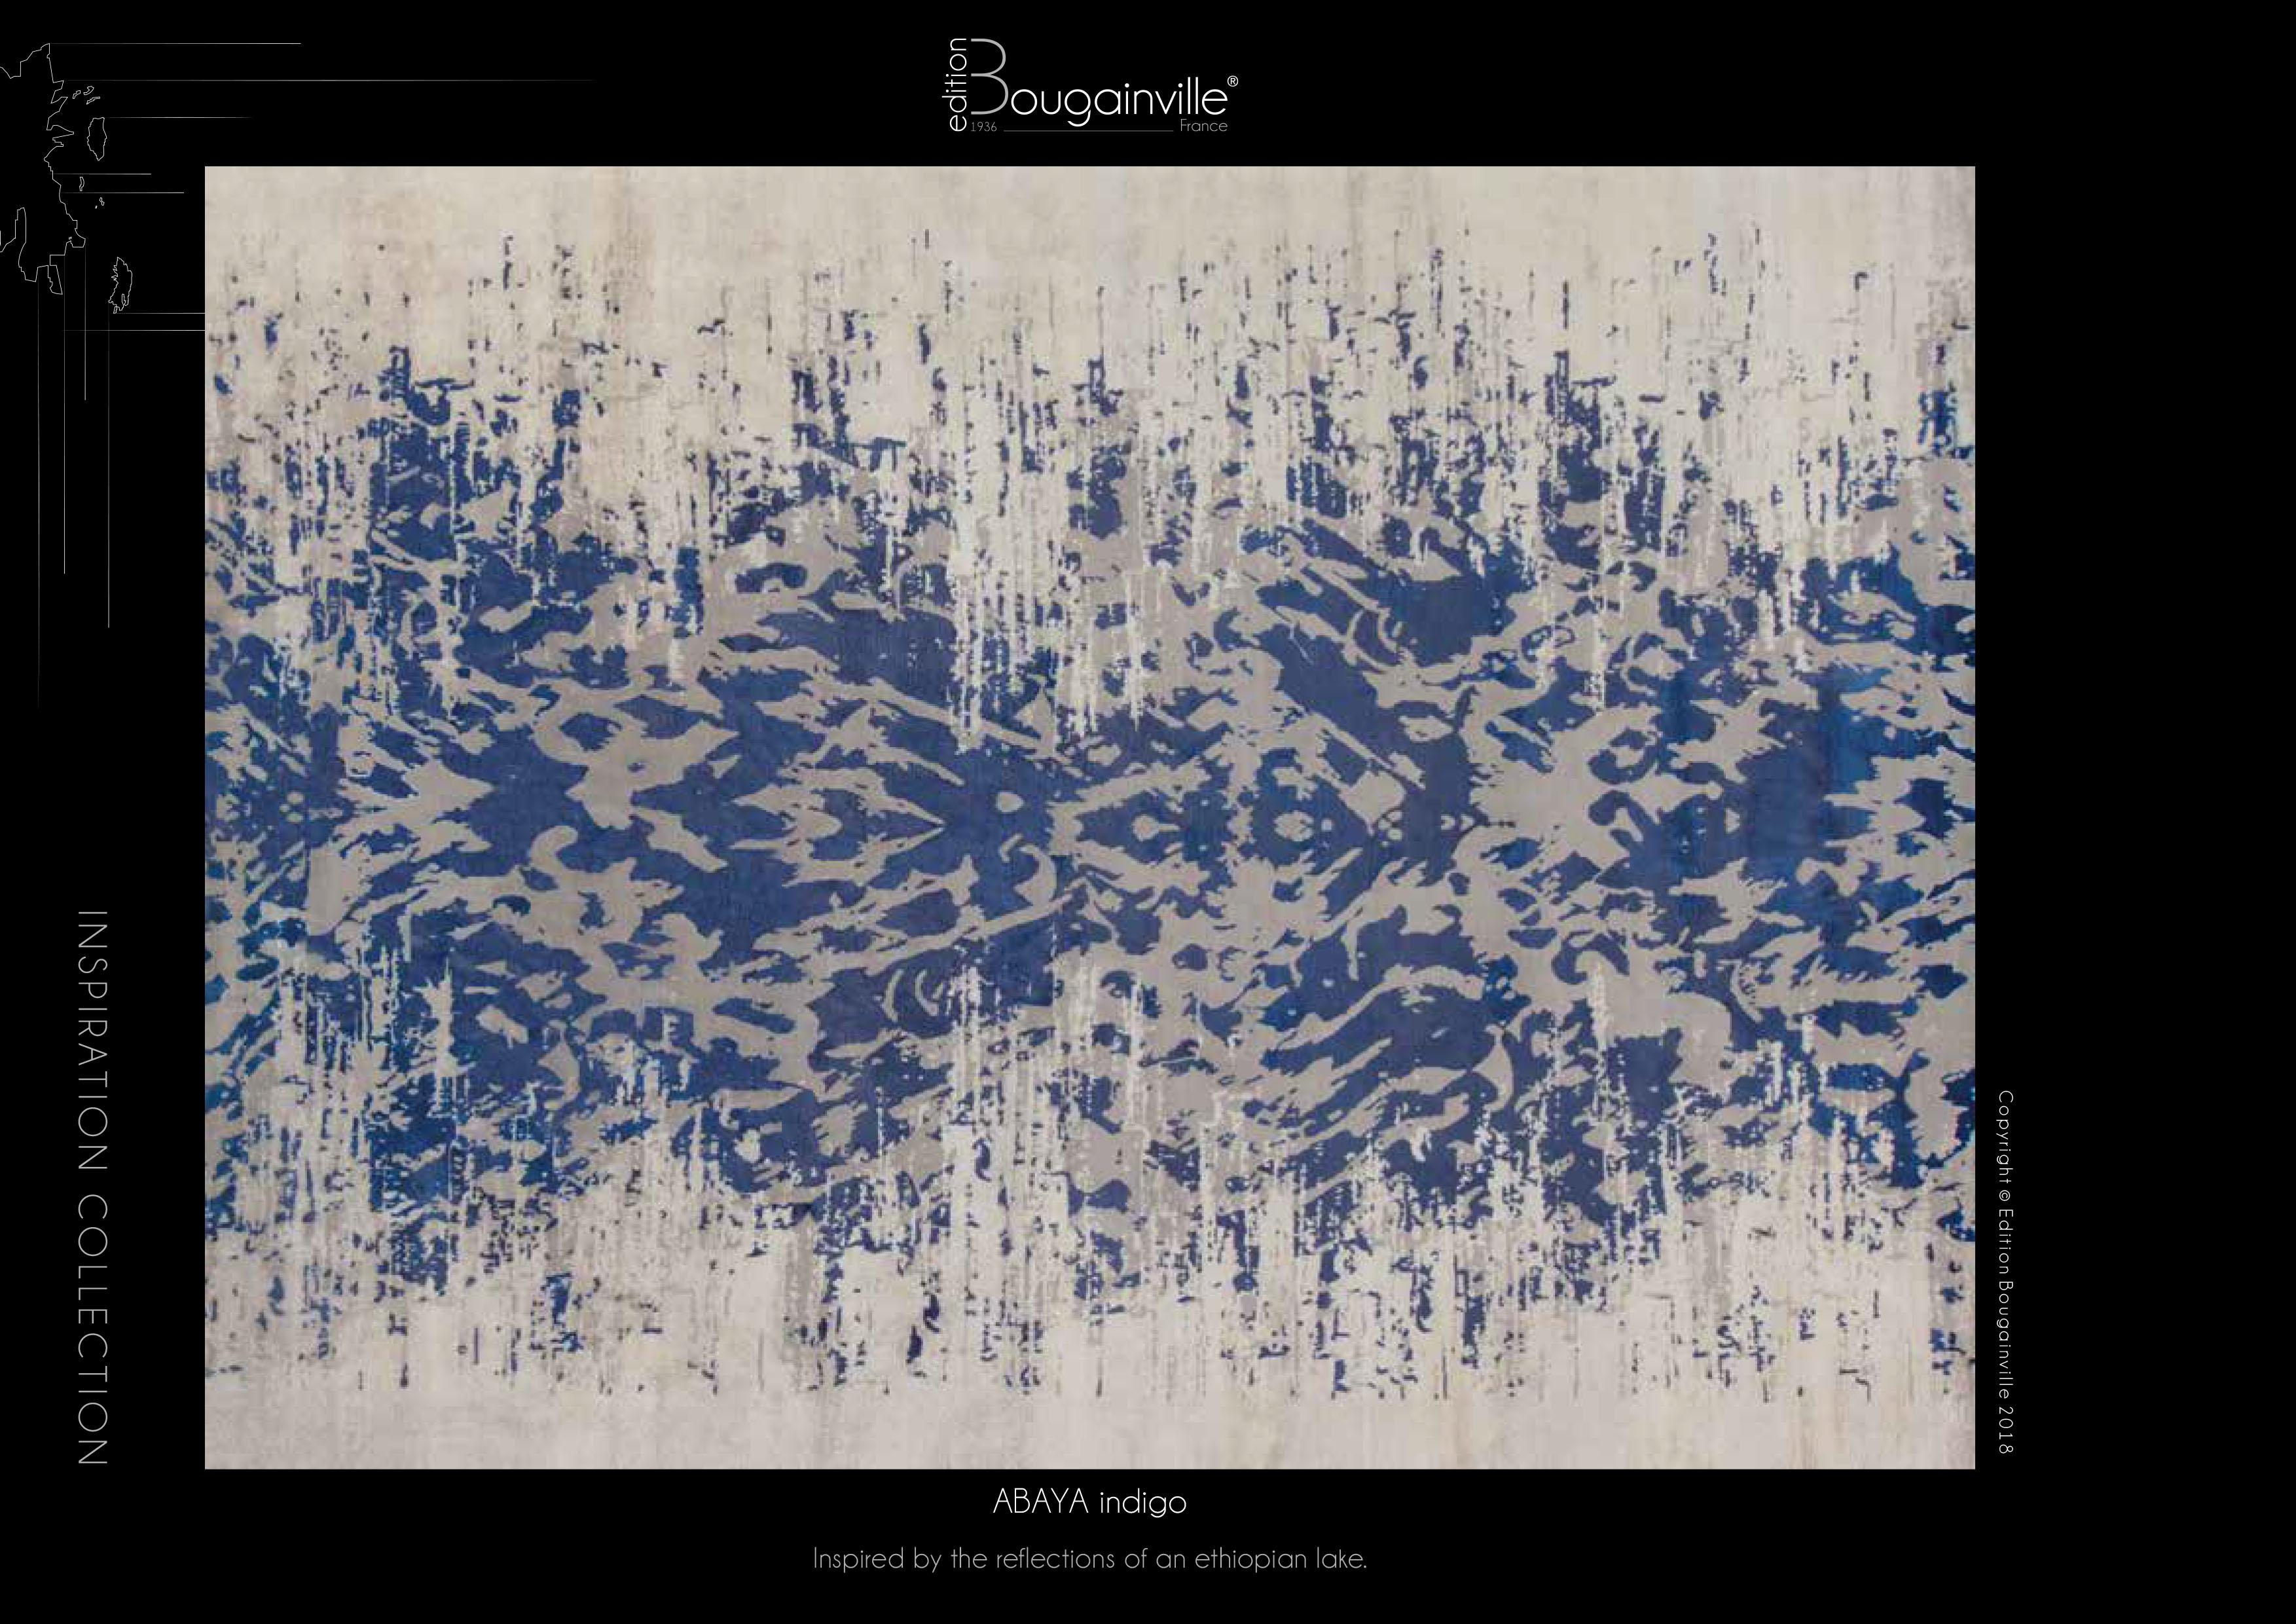 Ковер Edition Bougainville, ABAYA indigo